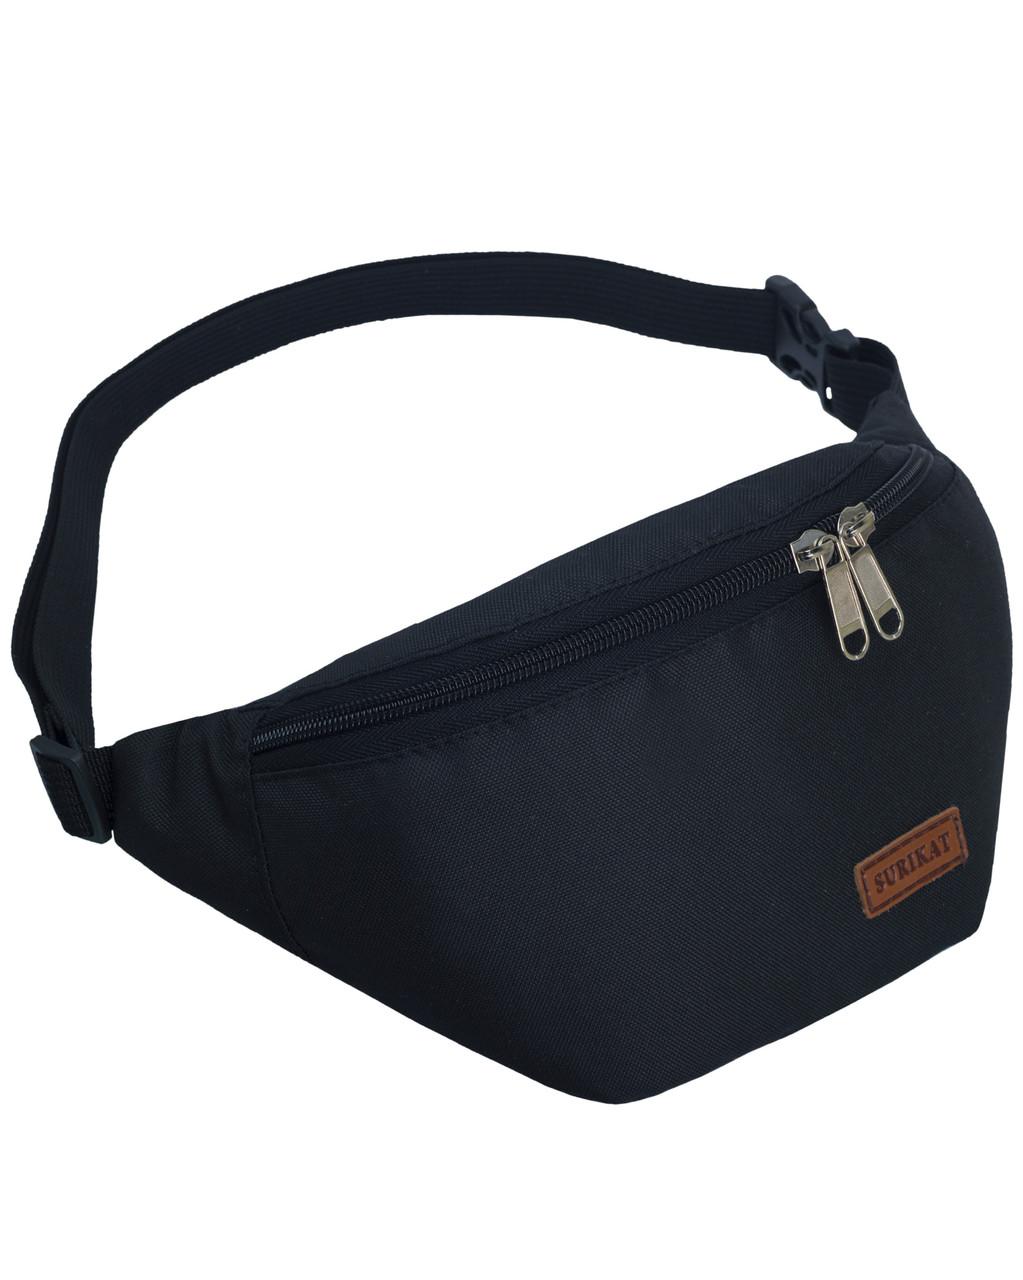 Сумка на пояс бананка Tempo Surikat черный (сумка на пояс, сумки, сумк